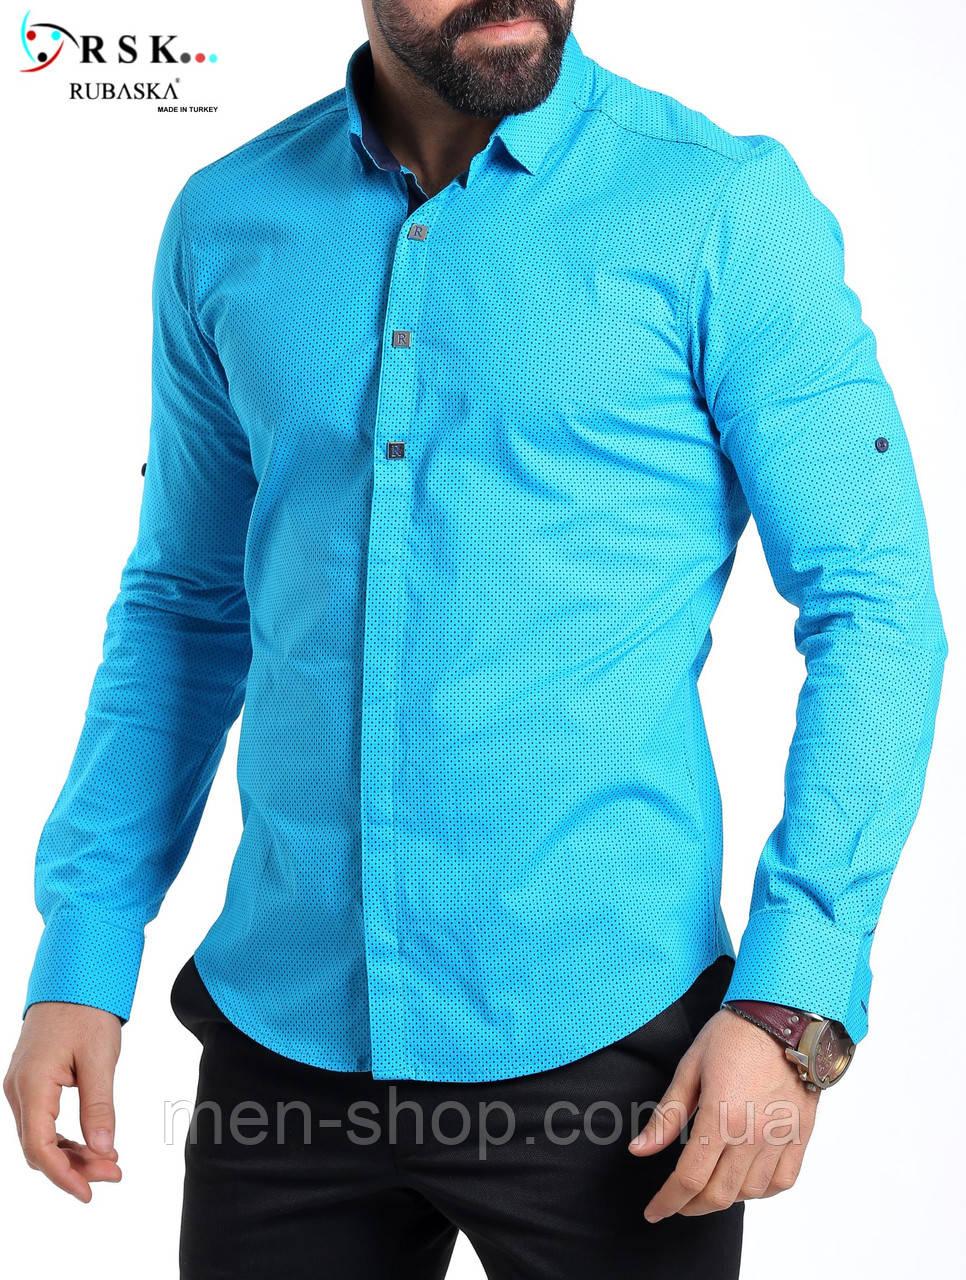 Молодежная голубая мужская рубашка